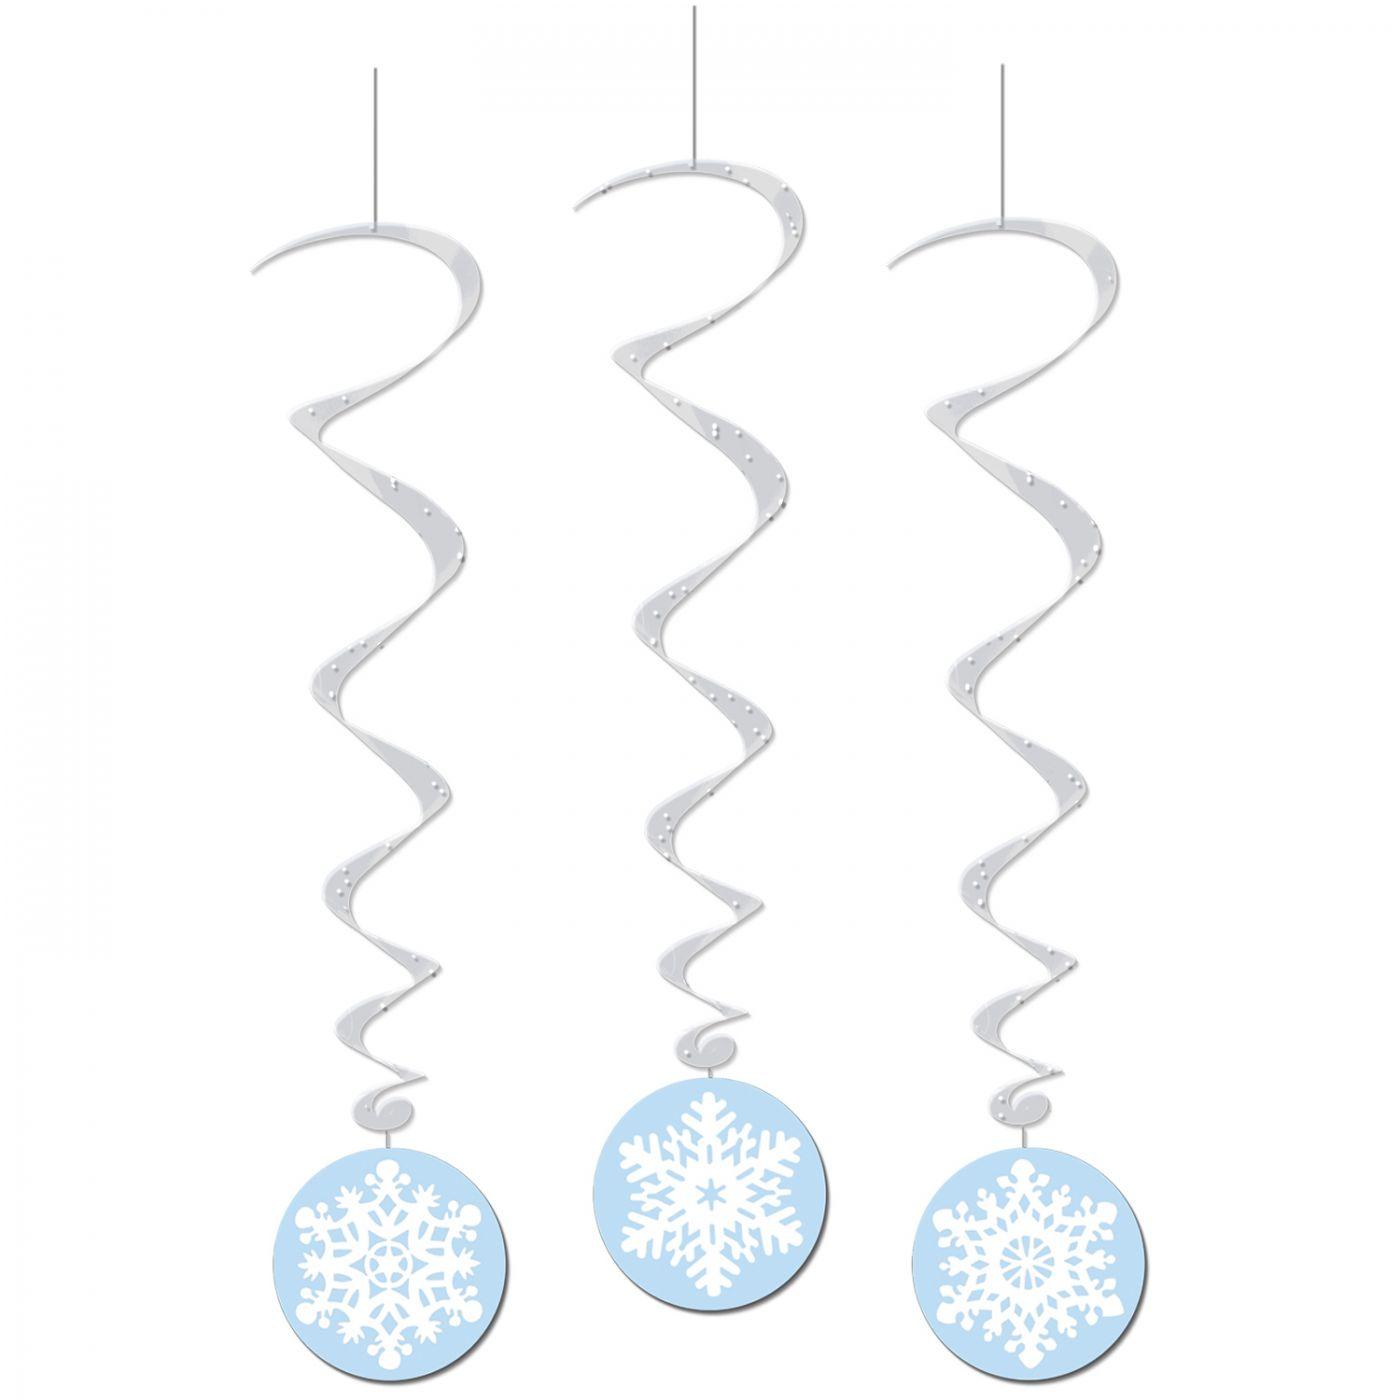 Snowflake Whirls (6) image